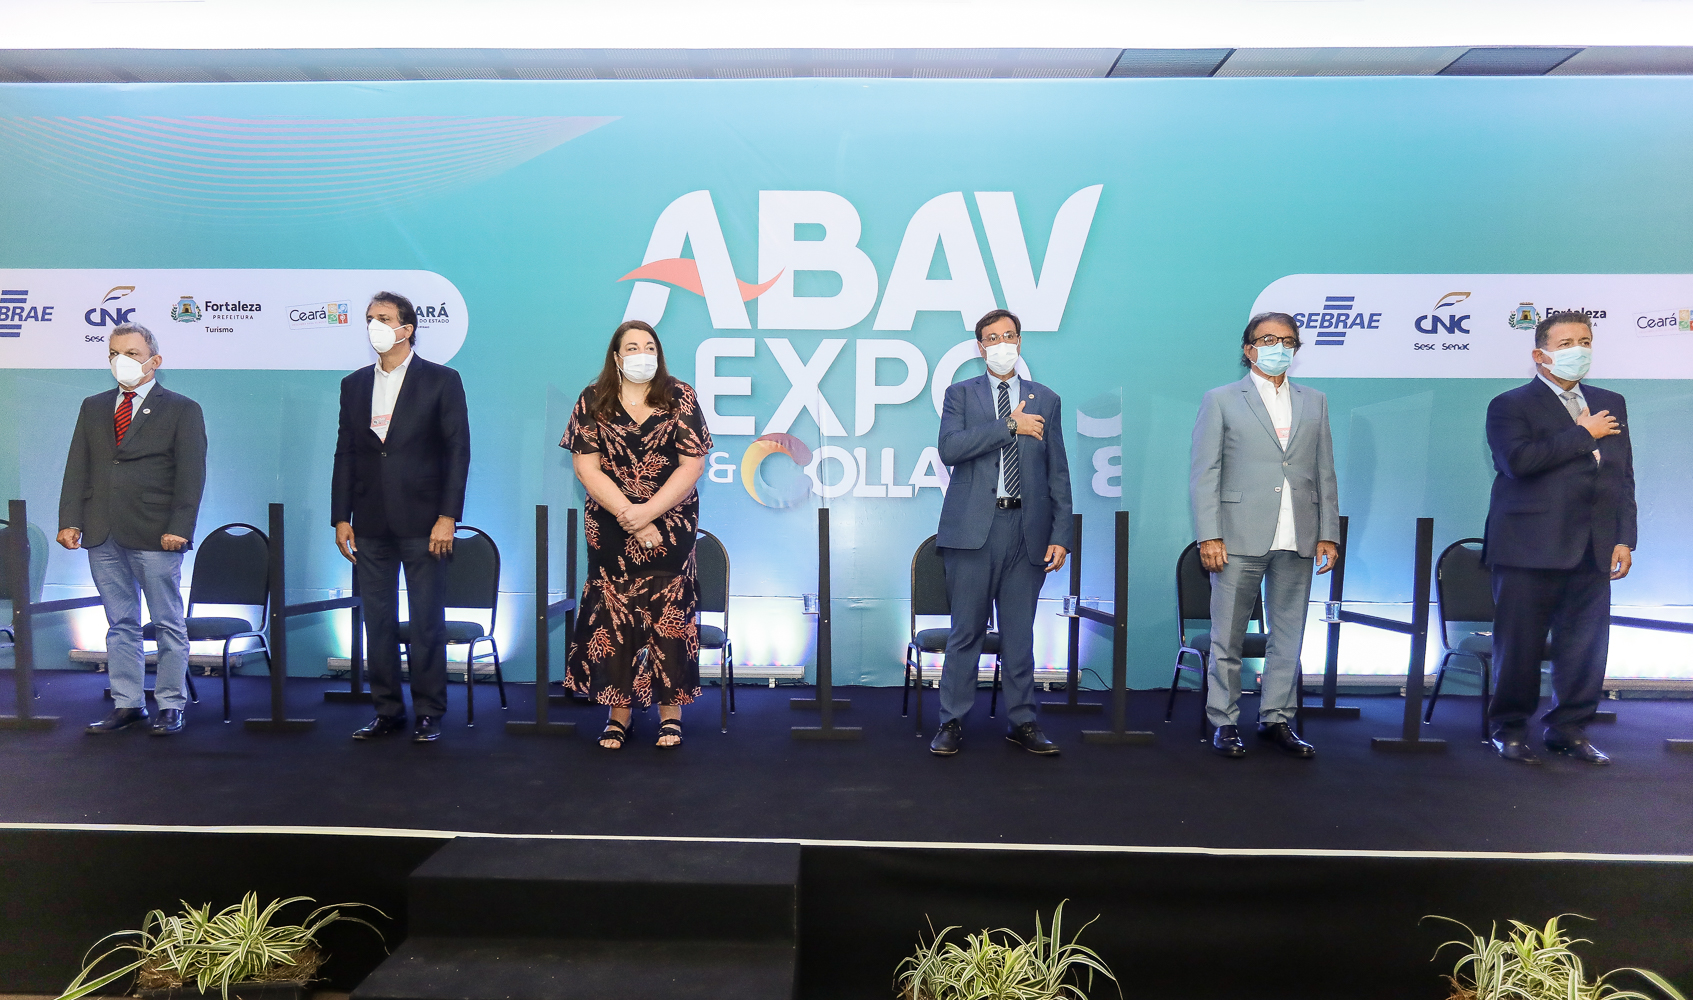 Reunindo os principais players do setor de turismo, Abav Expo 2021 tem start no Centro de Eventos do Ceará